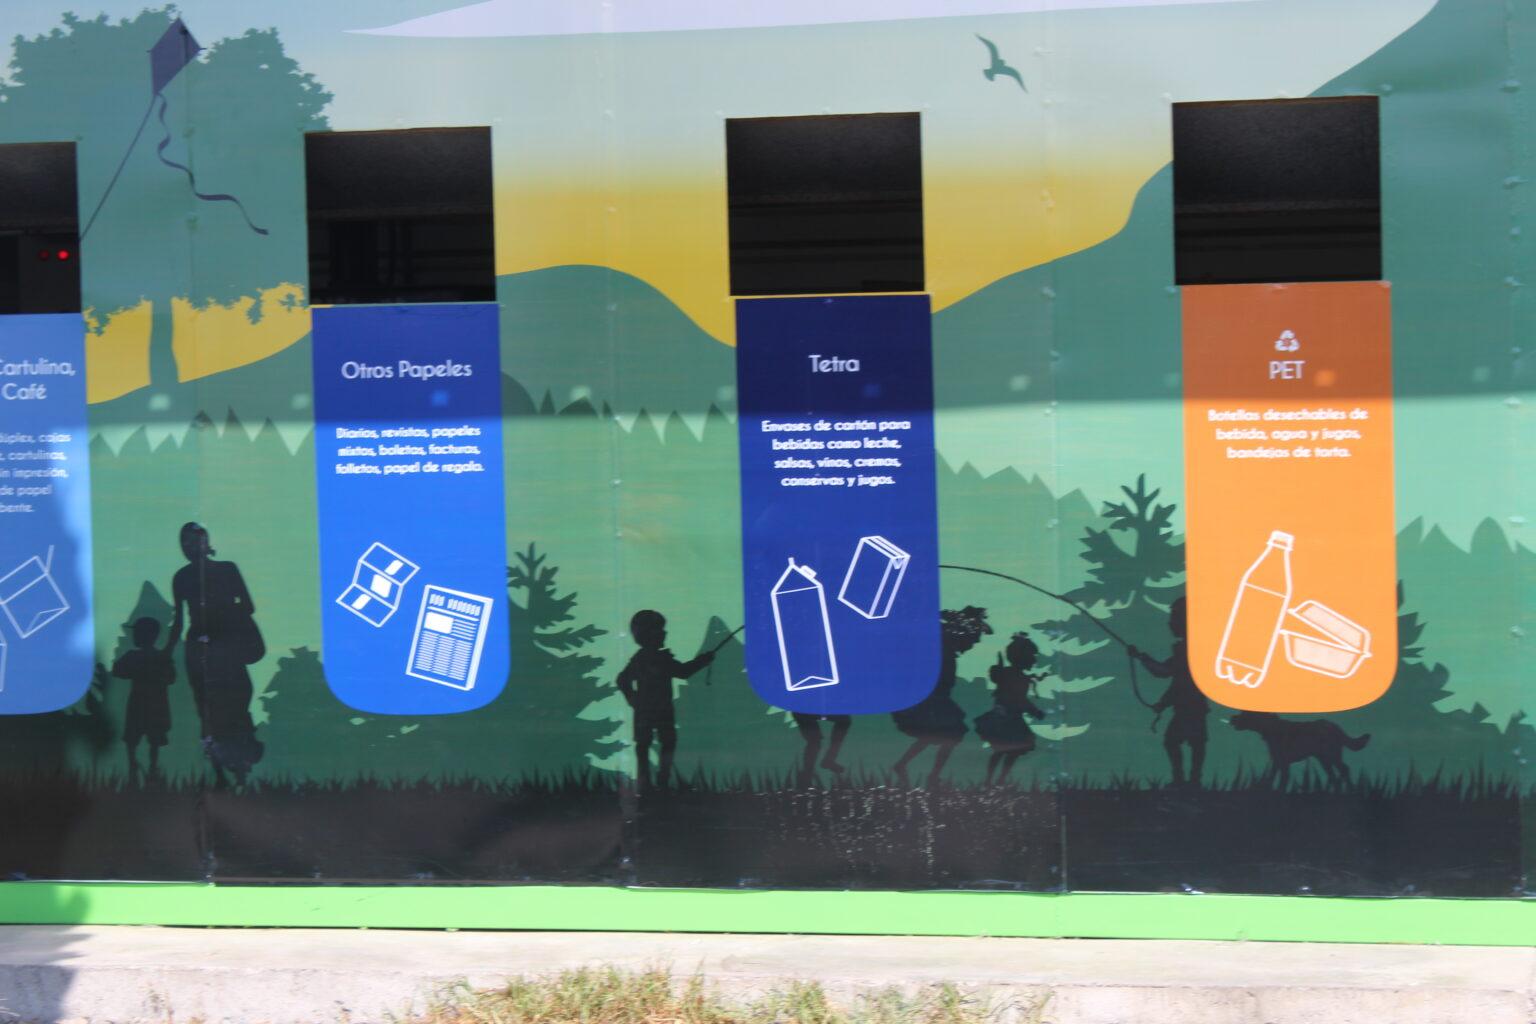 Seremi del Medio Ambiente valoró implementación de 8 puntos limpios en Atacama para fomentar el reciclaje.